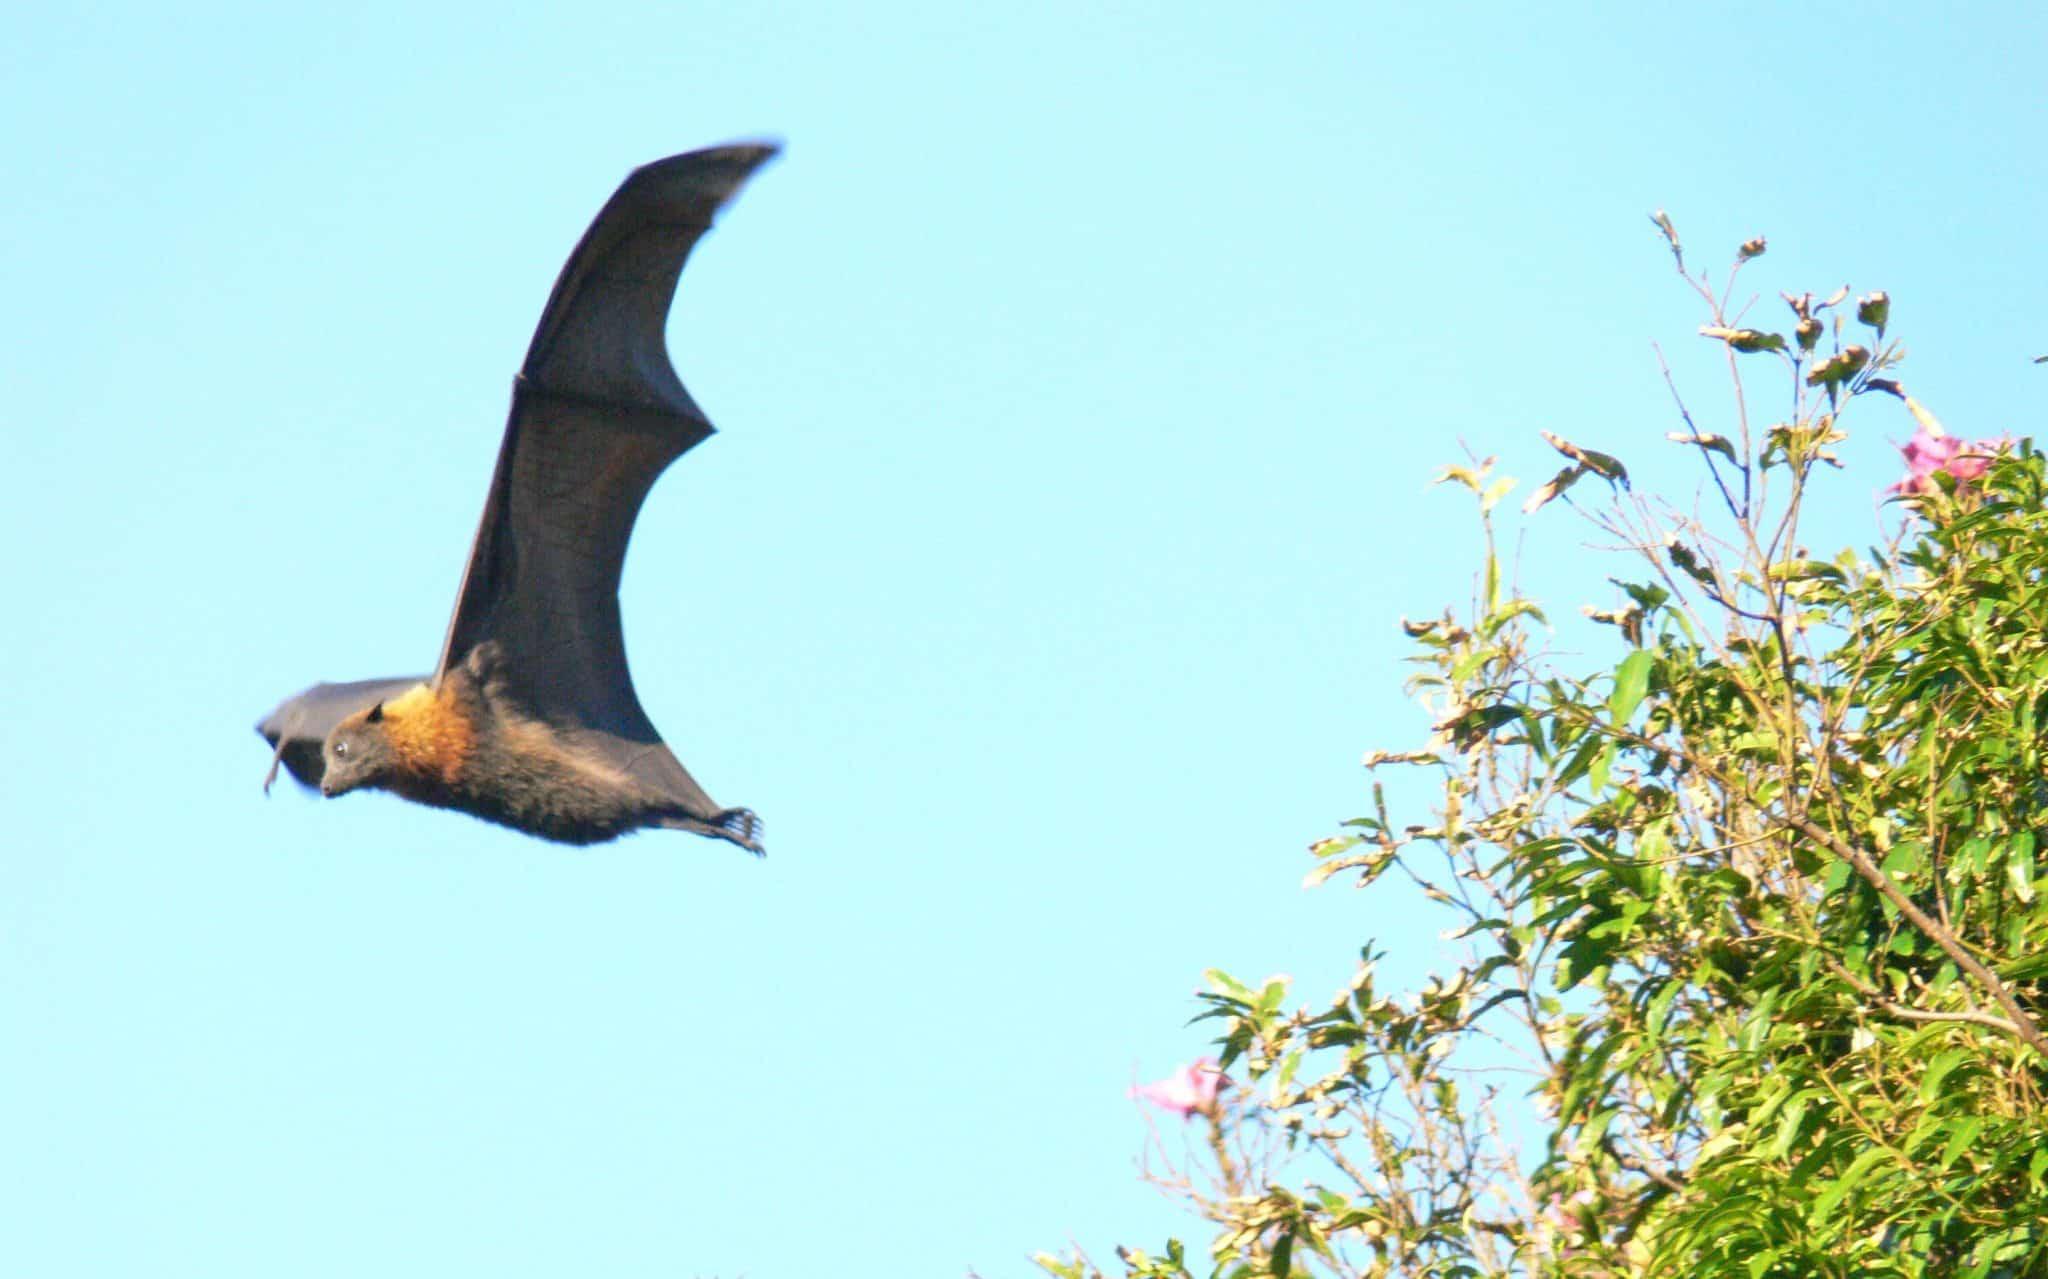 Um morcego voando.